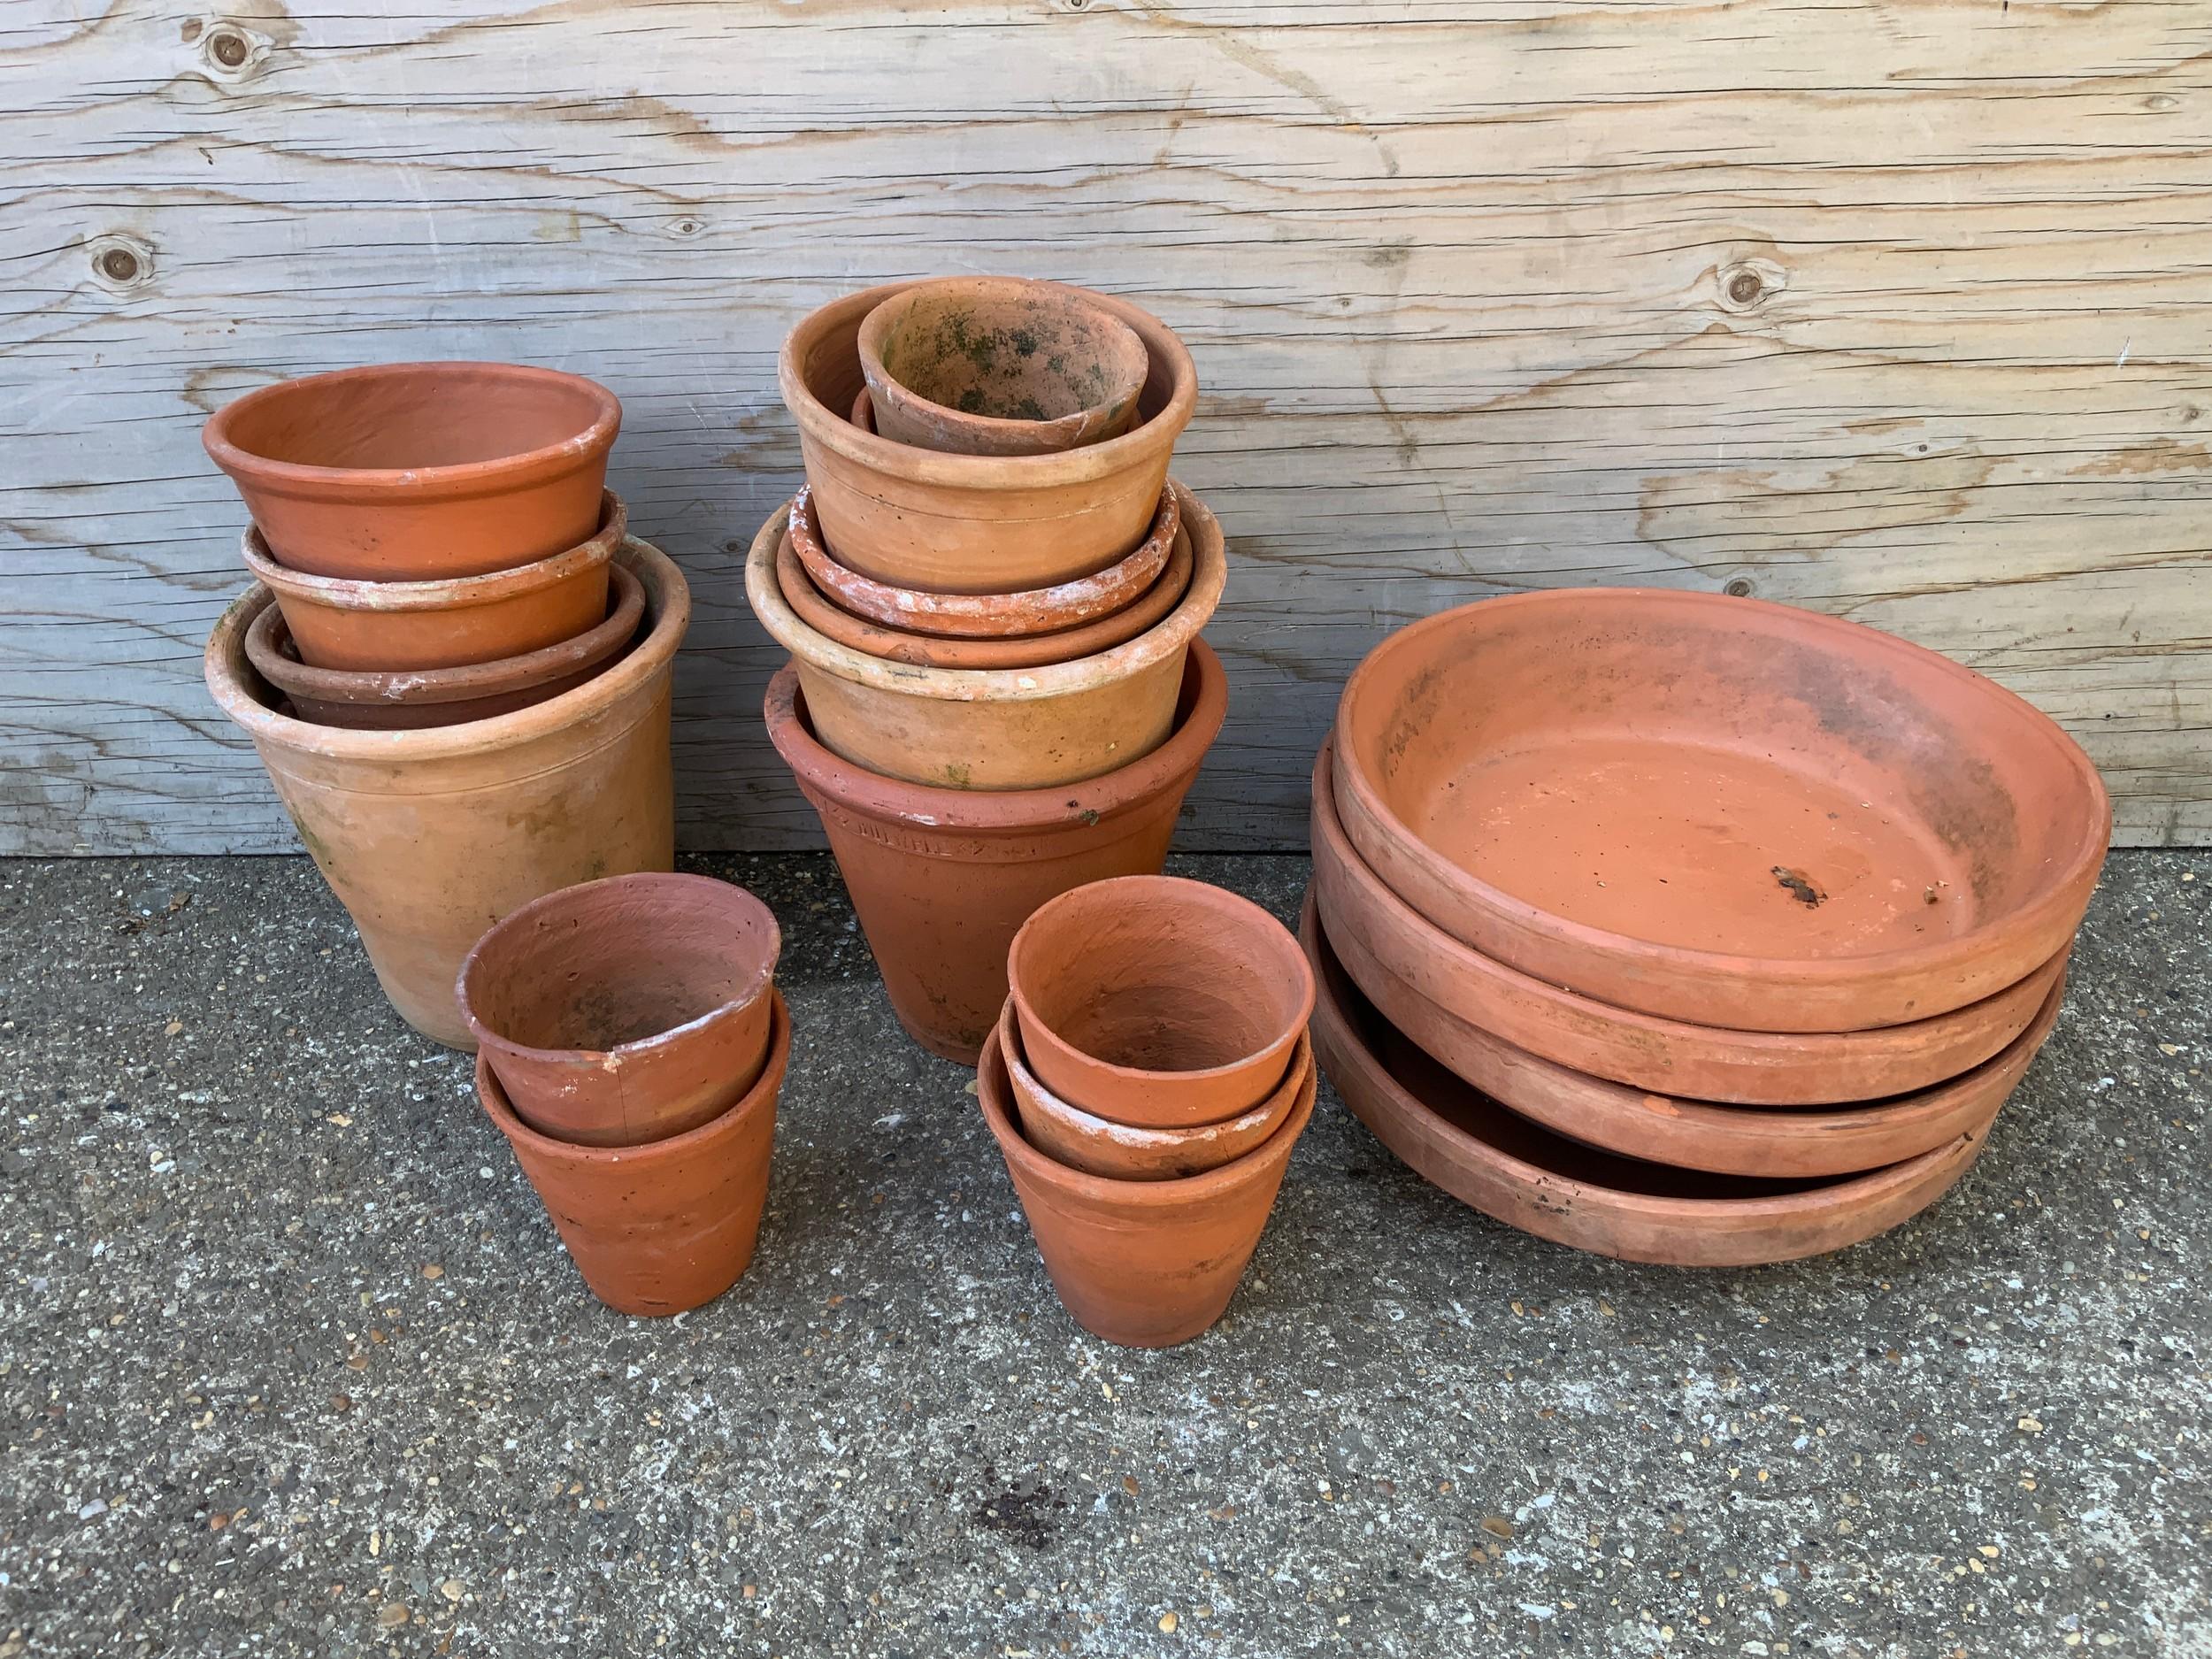 Quantity of Terracotta Pots